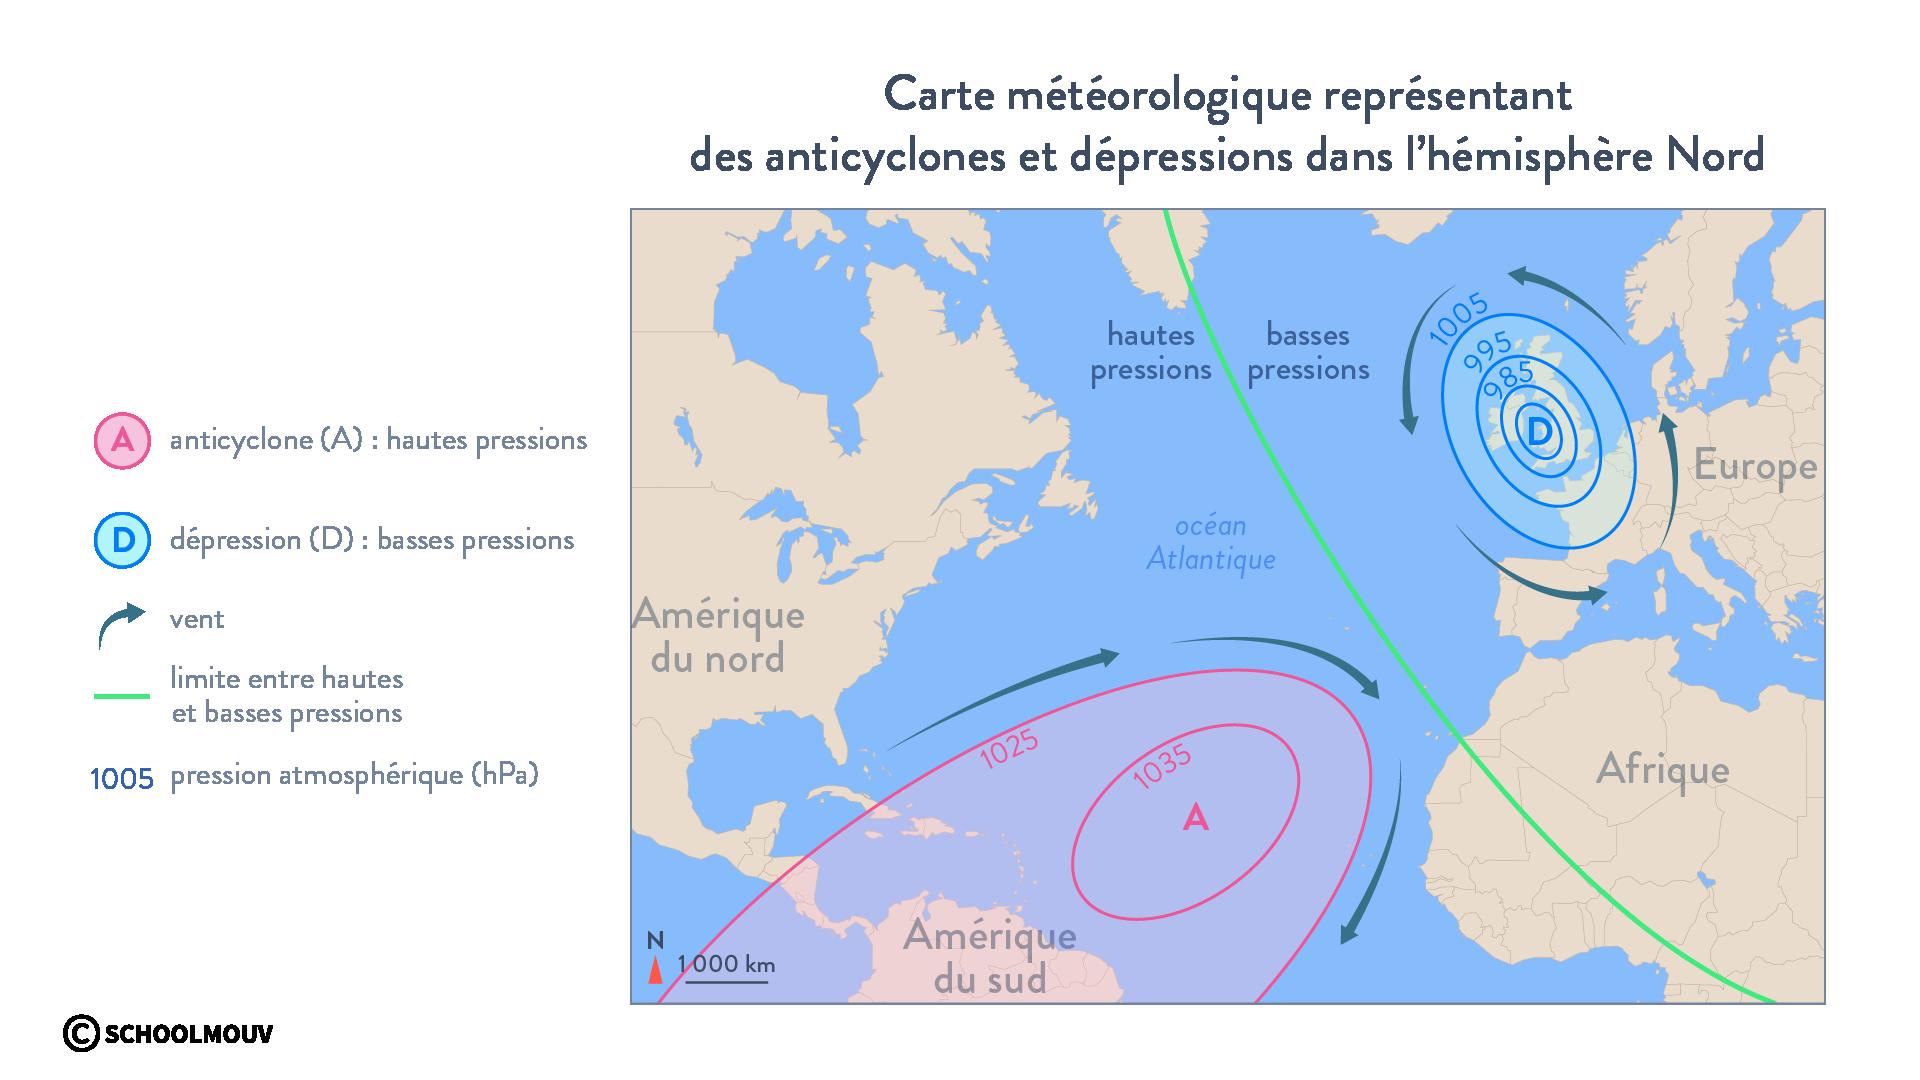 Carte météorologique